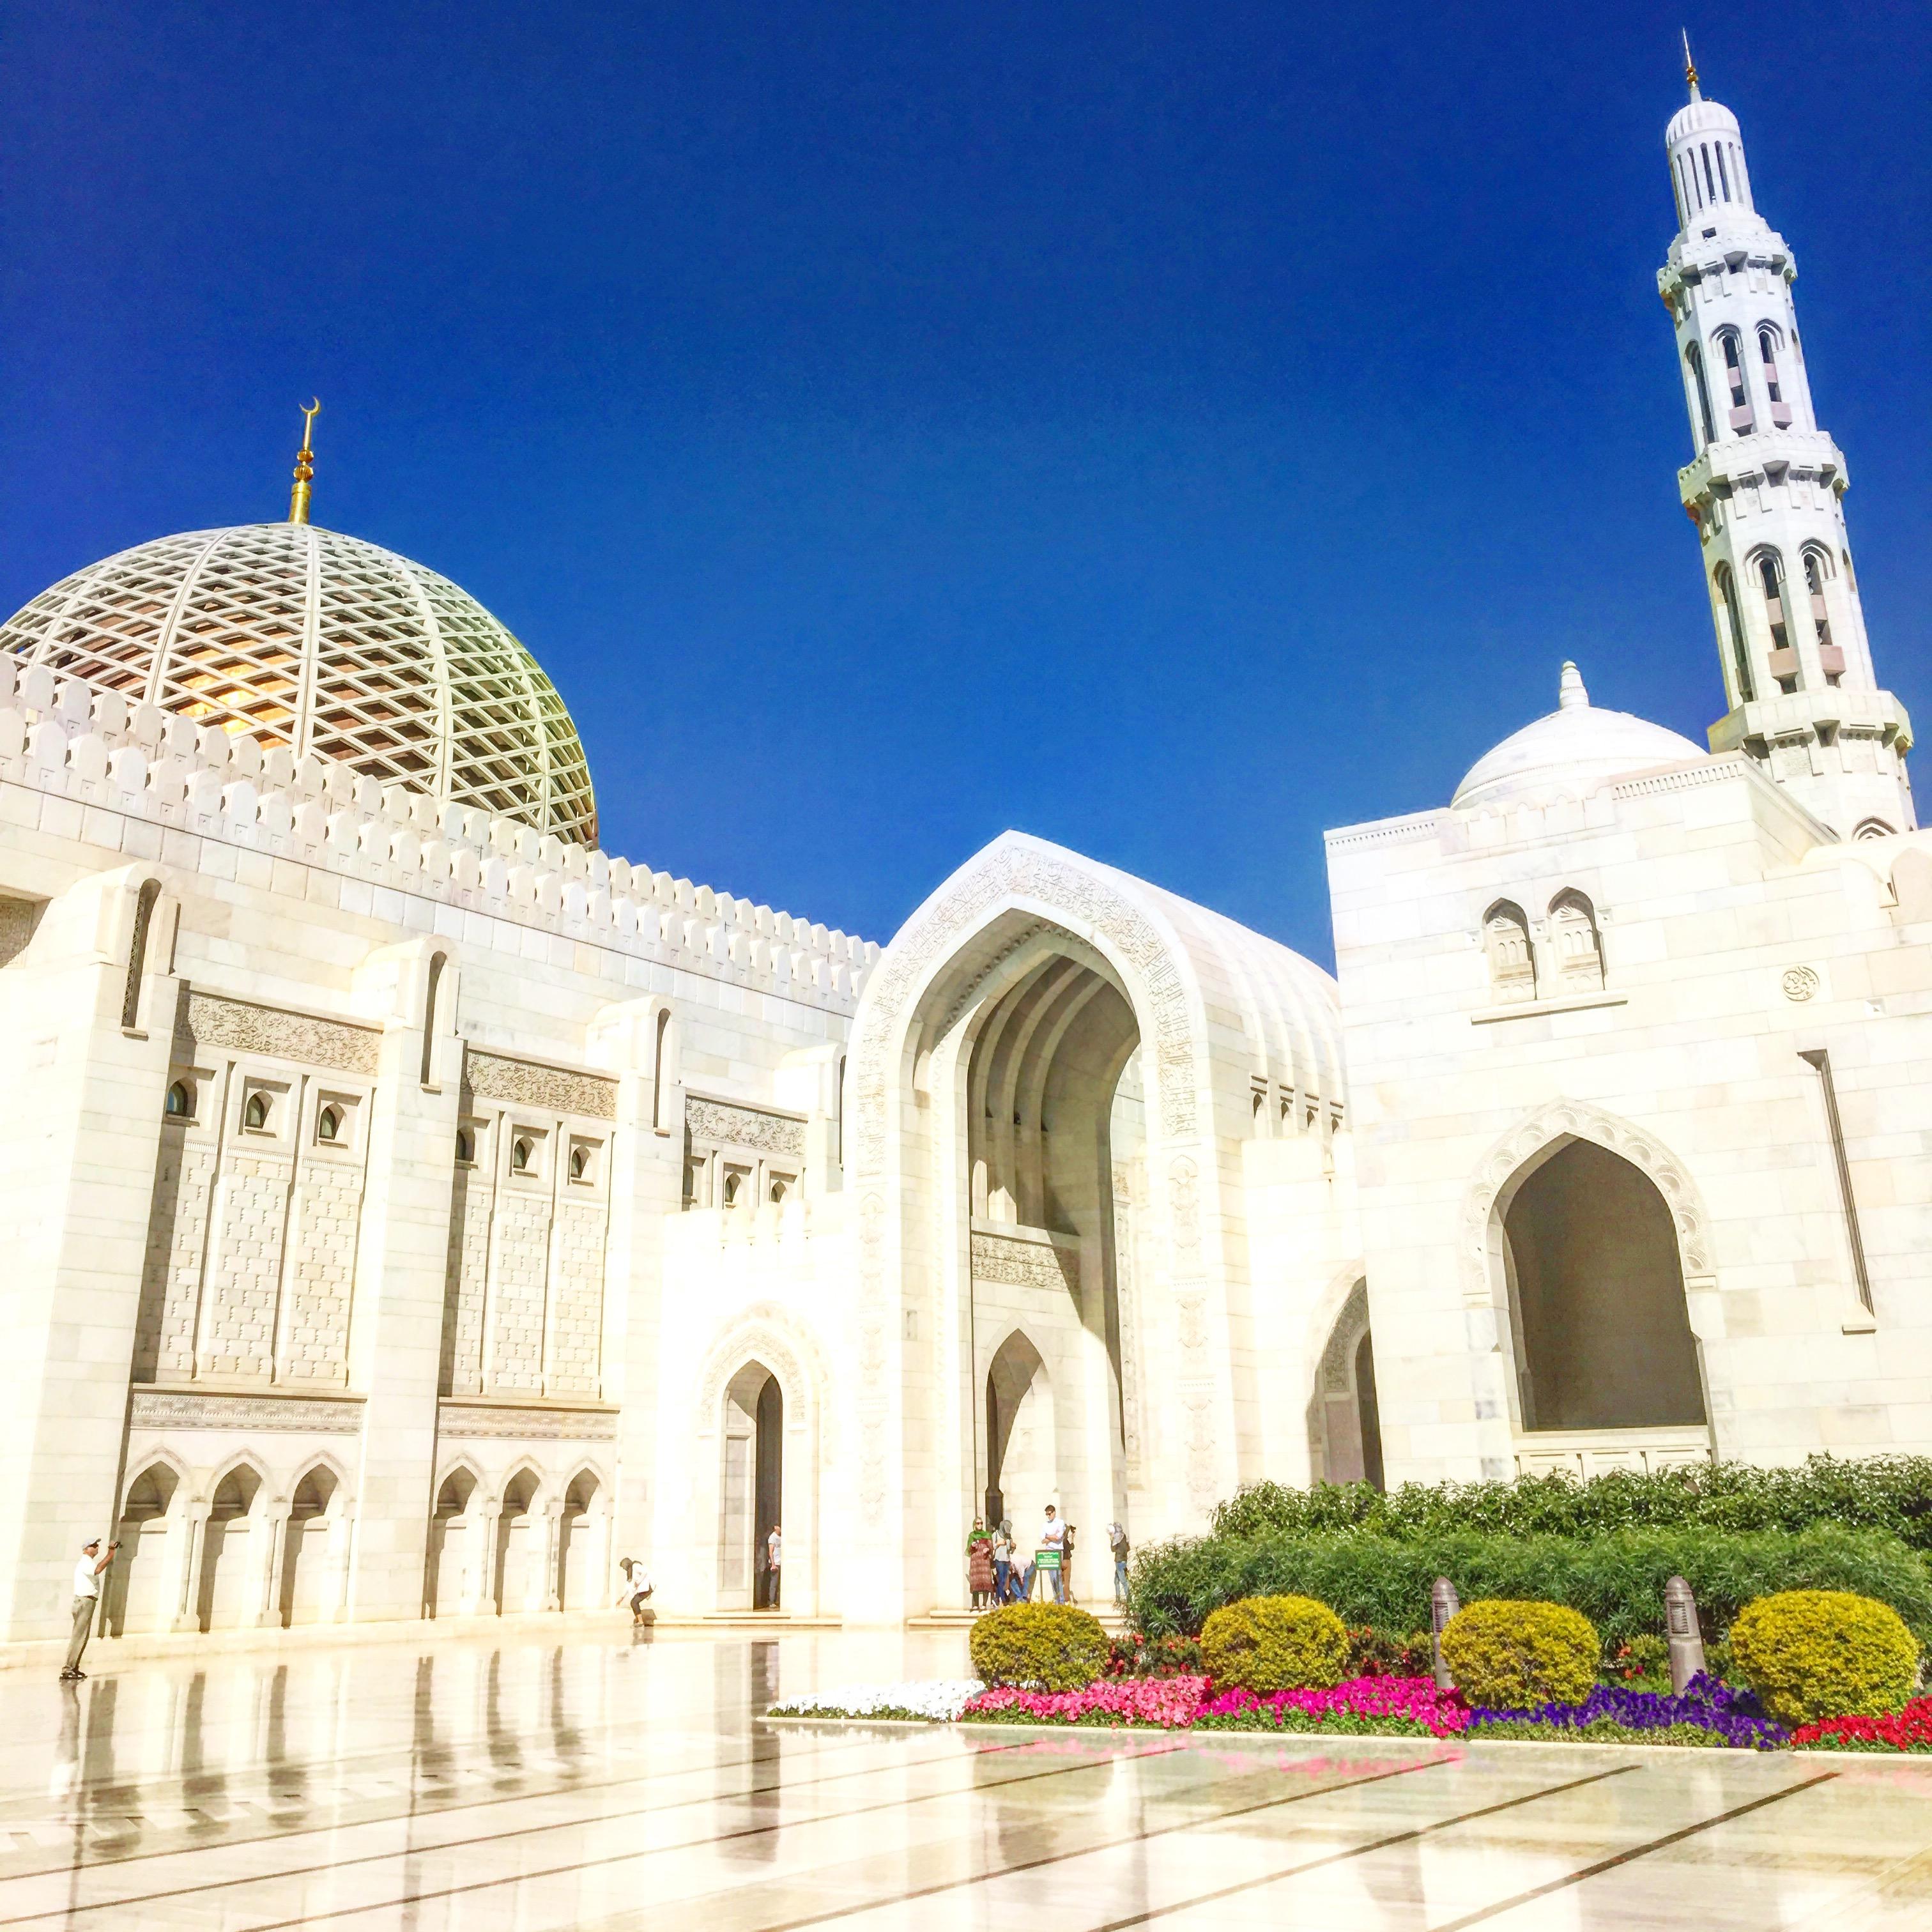 Visions of Oman